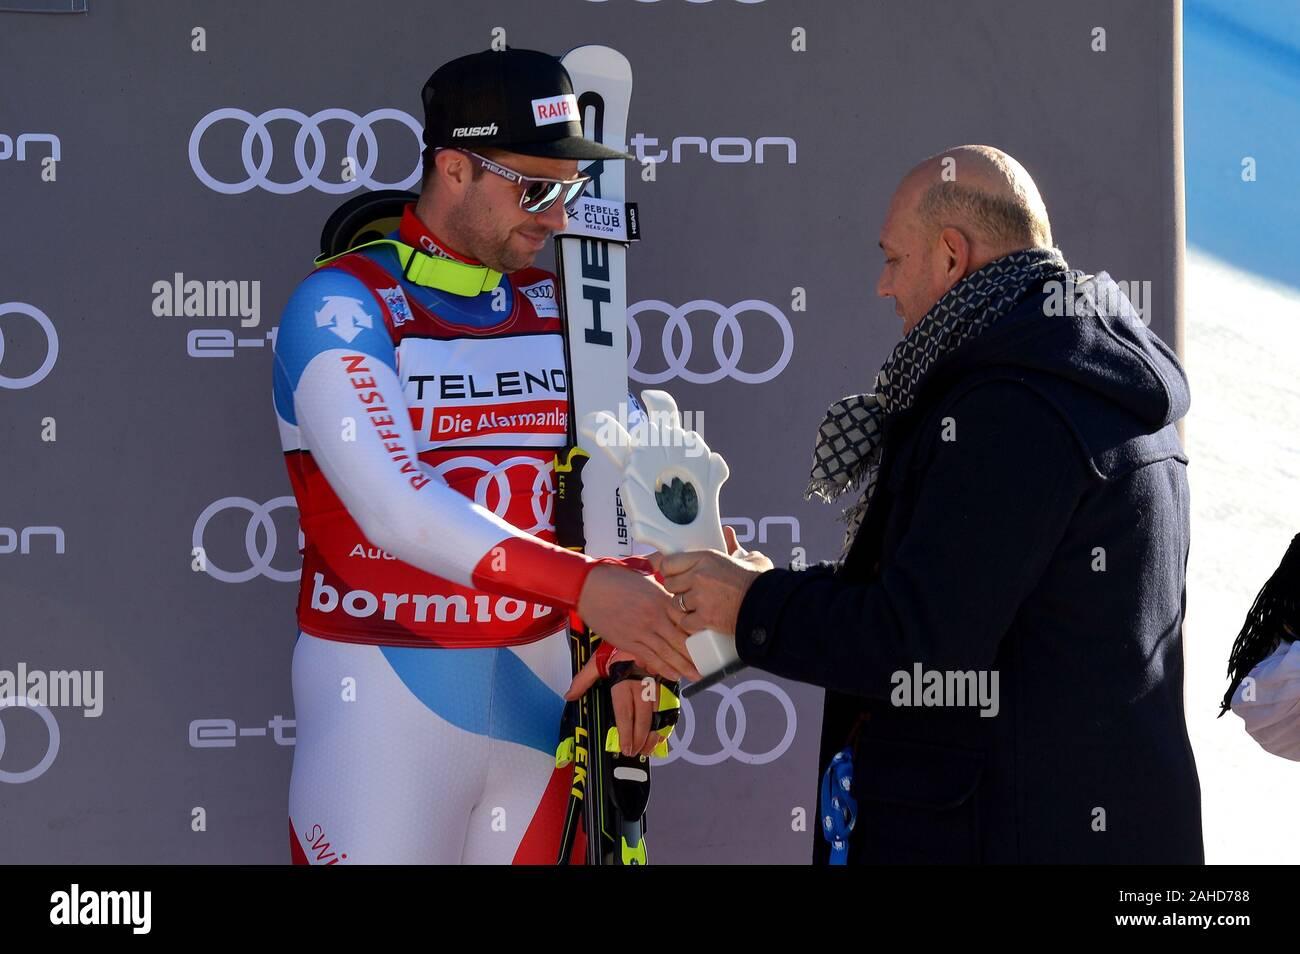 Bormio, Italy. 28th Dec, 2019. beat feuzduring AUDI FIS World Cup 2019 - Men's Downhill, Ski in Bormio, Italy, December 28 2019 - LPS/Giorgio Panacci Credit: Giorgio Panacci/LPS/ZUMA Wire/Alamy Live News Stock Photo